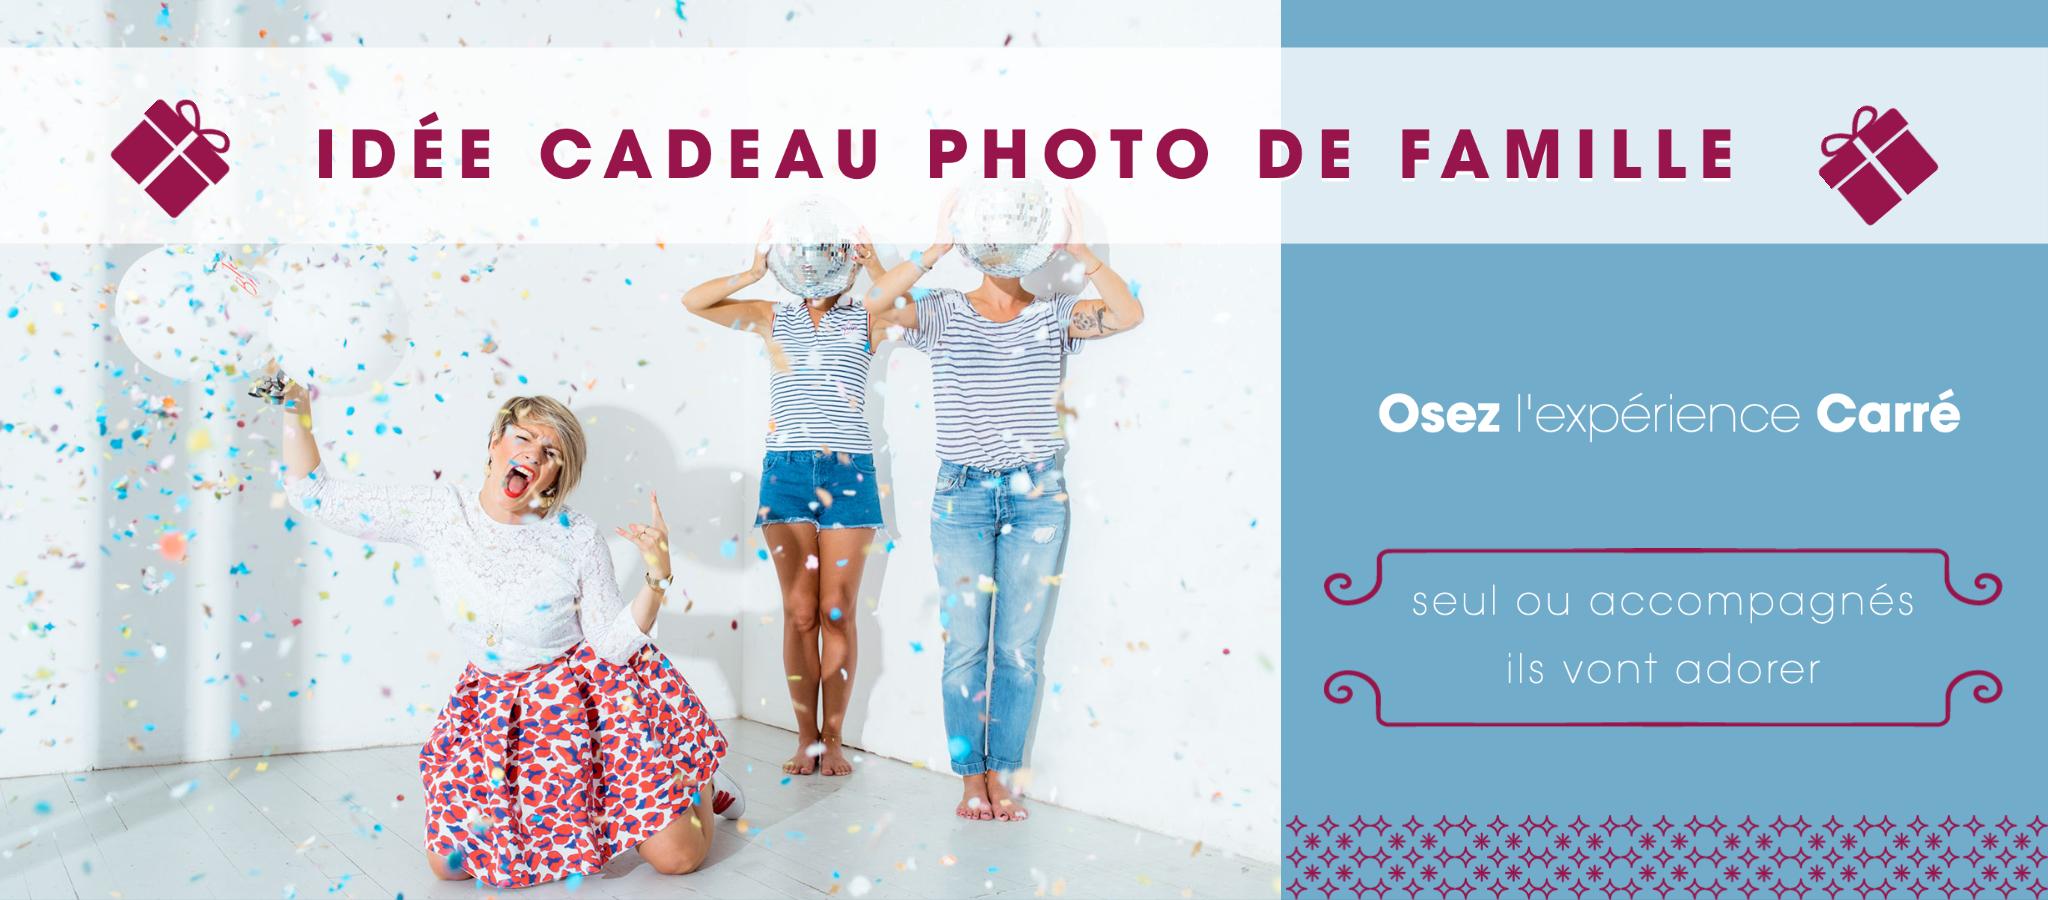 Séance shooting photo de famille nombreuse à lyon et Toulouse, cadeau femme original, idée cadeau couple, coffret cadeau homme, idée cadeau pour maman